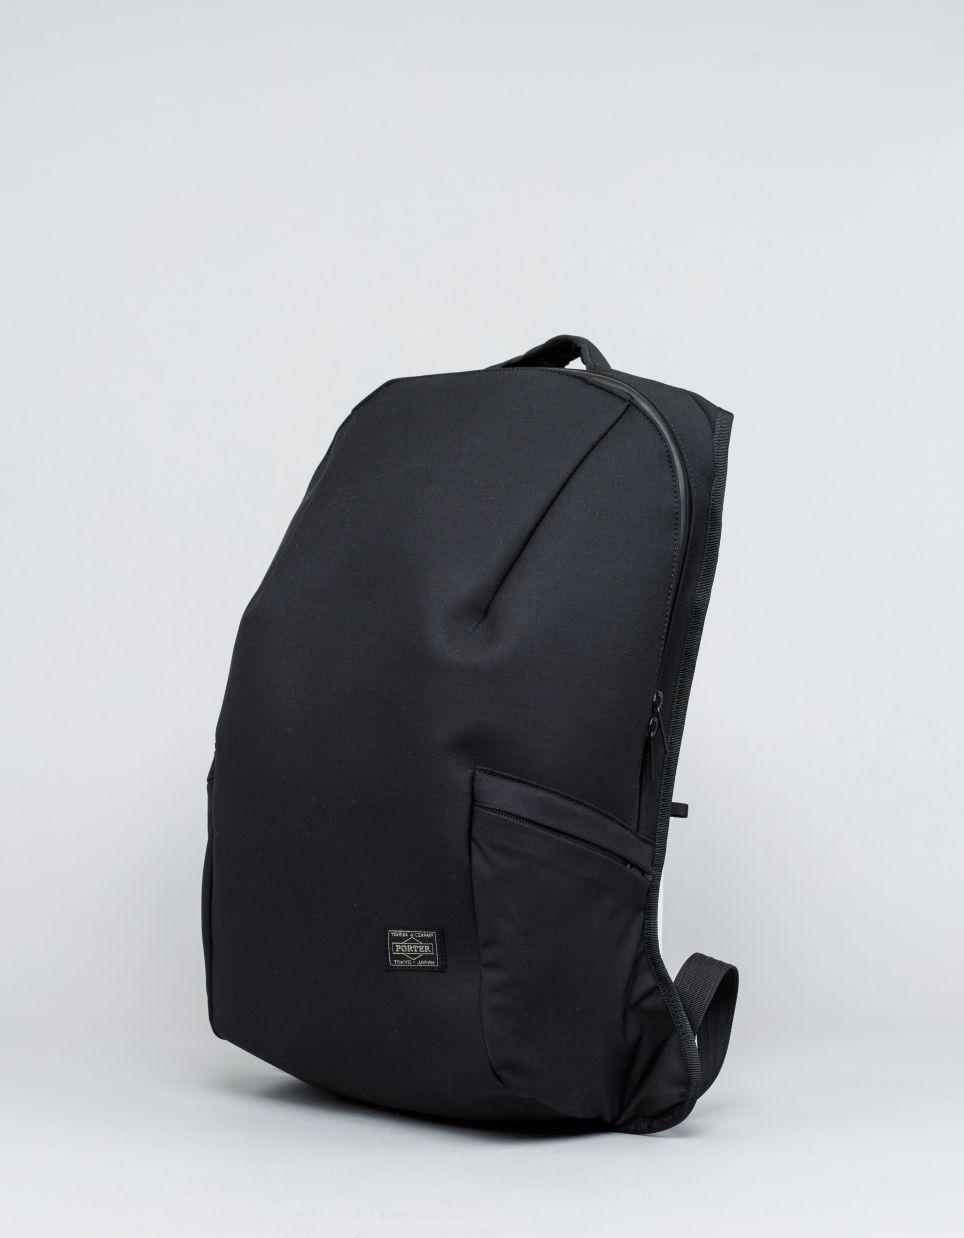 Descente Allterrain - Porter Boa Backpack  541bdb5f2f6c4